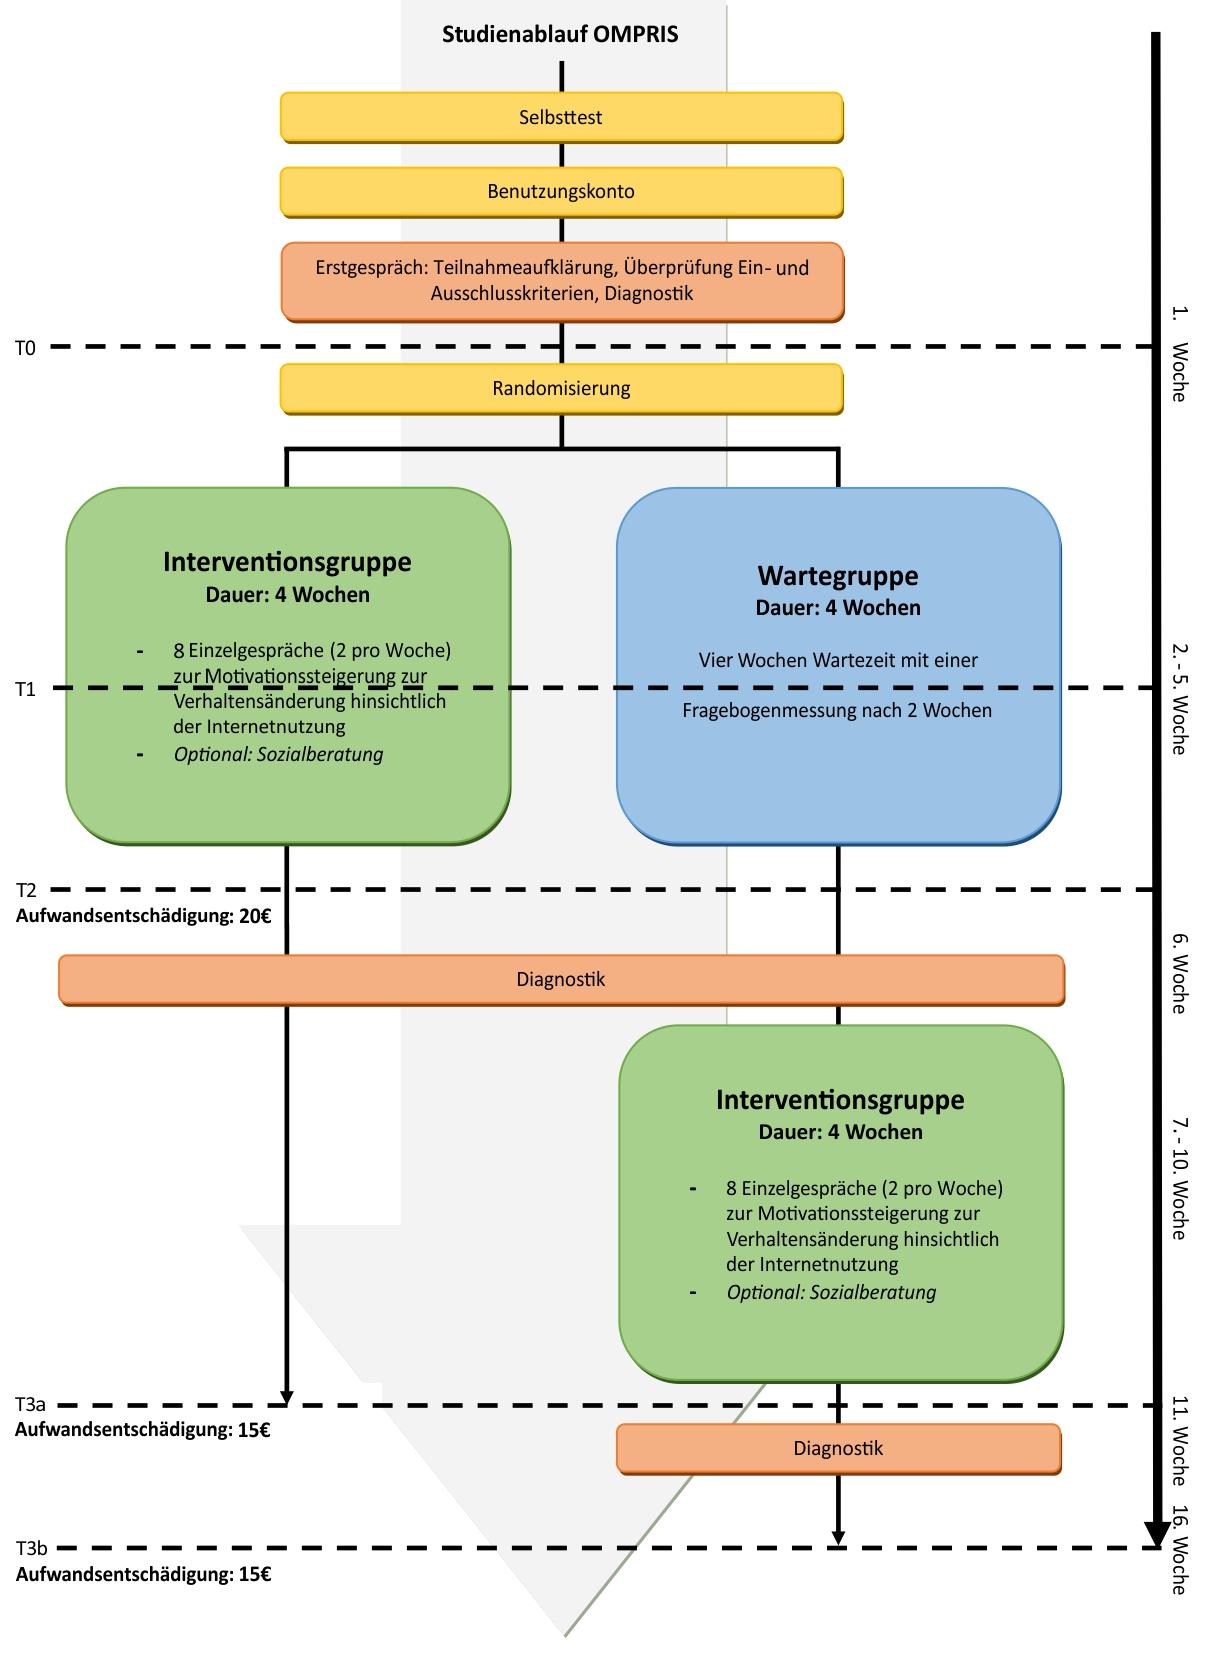 Bild Diagramm OMPRIS Studienablauf